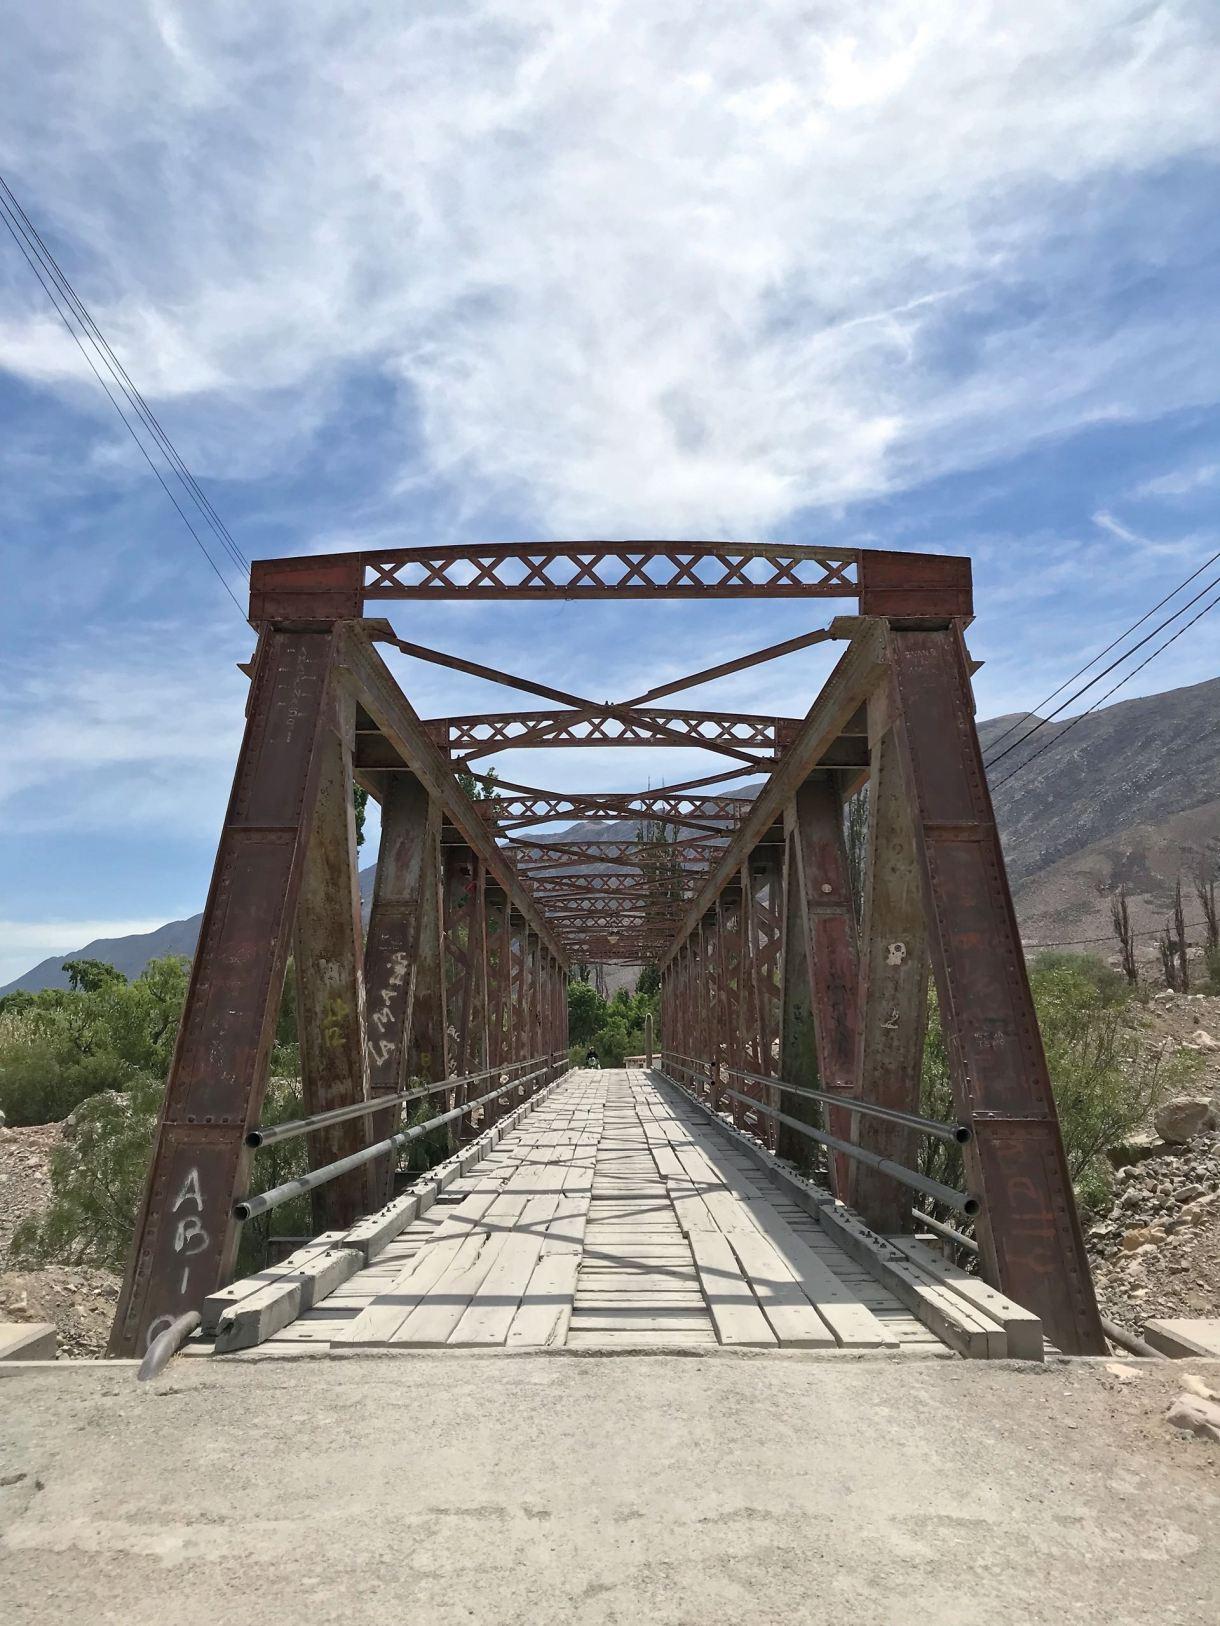 Puente de hierro camino al Pucará (fortaleza en quechua).